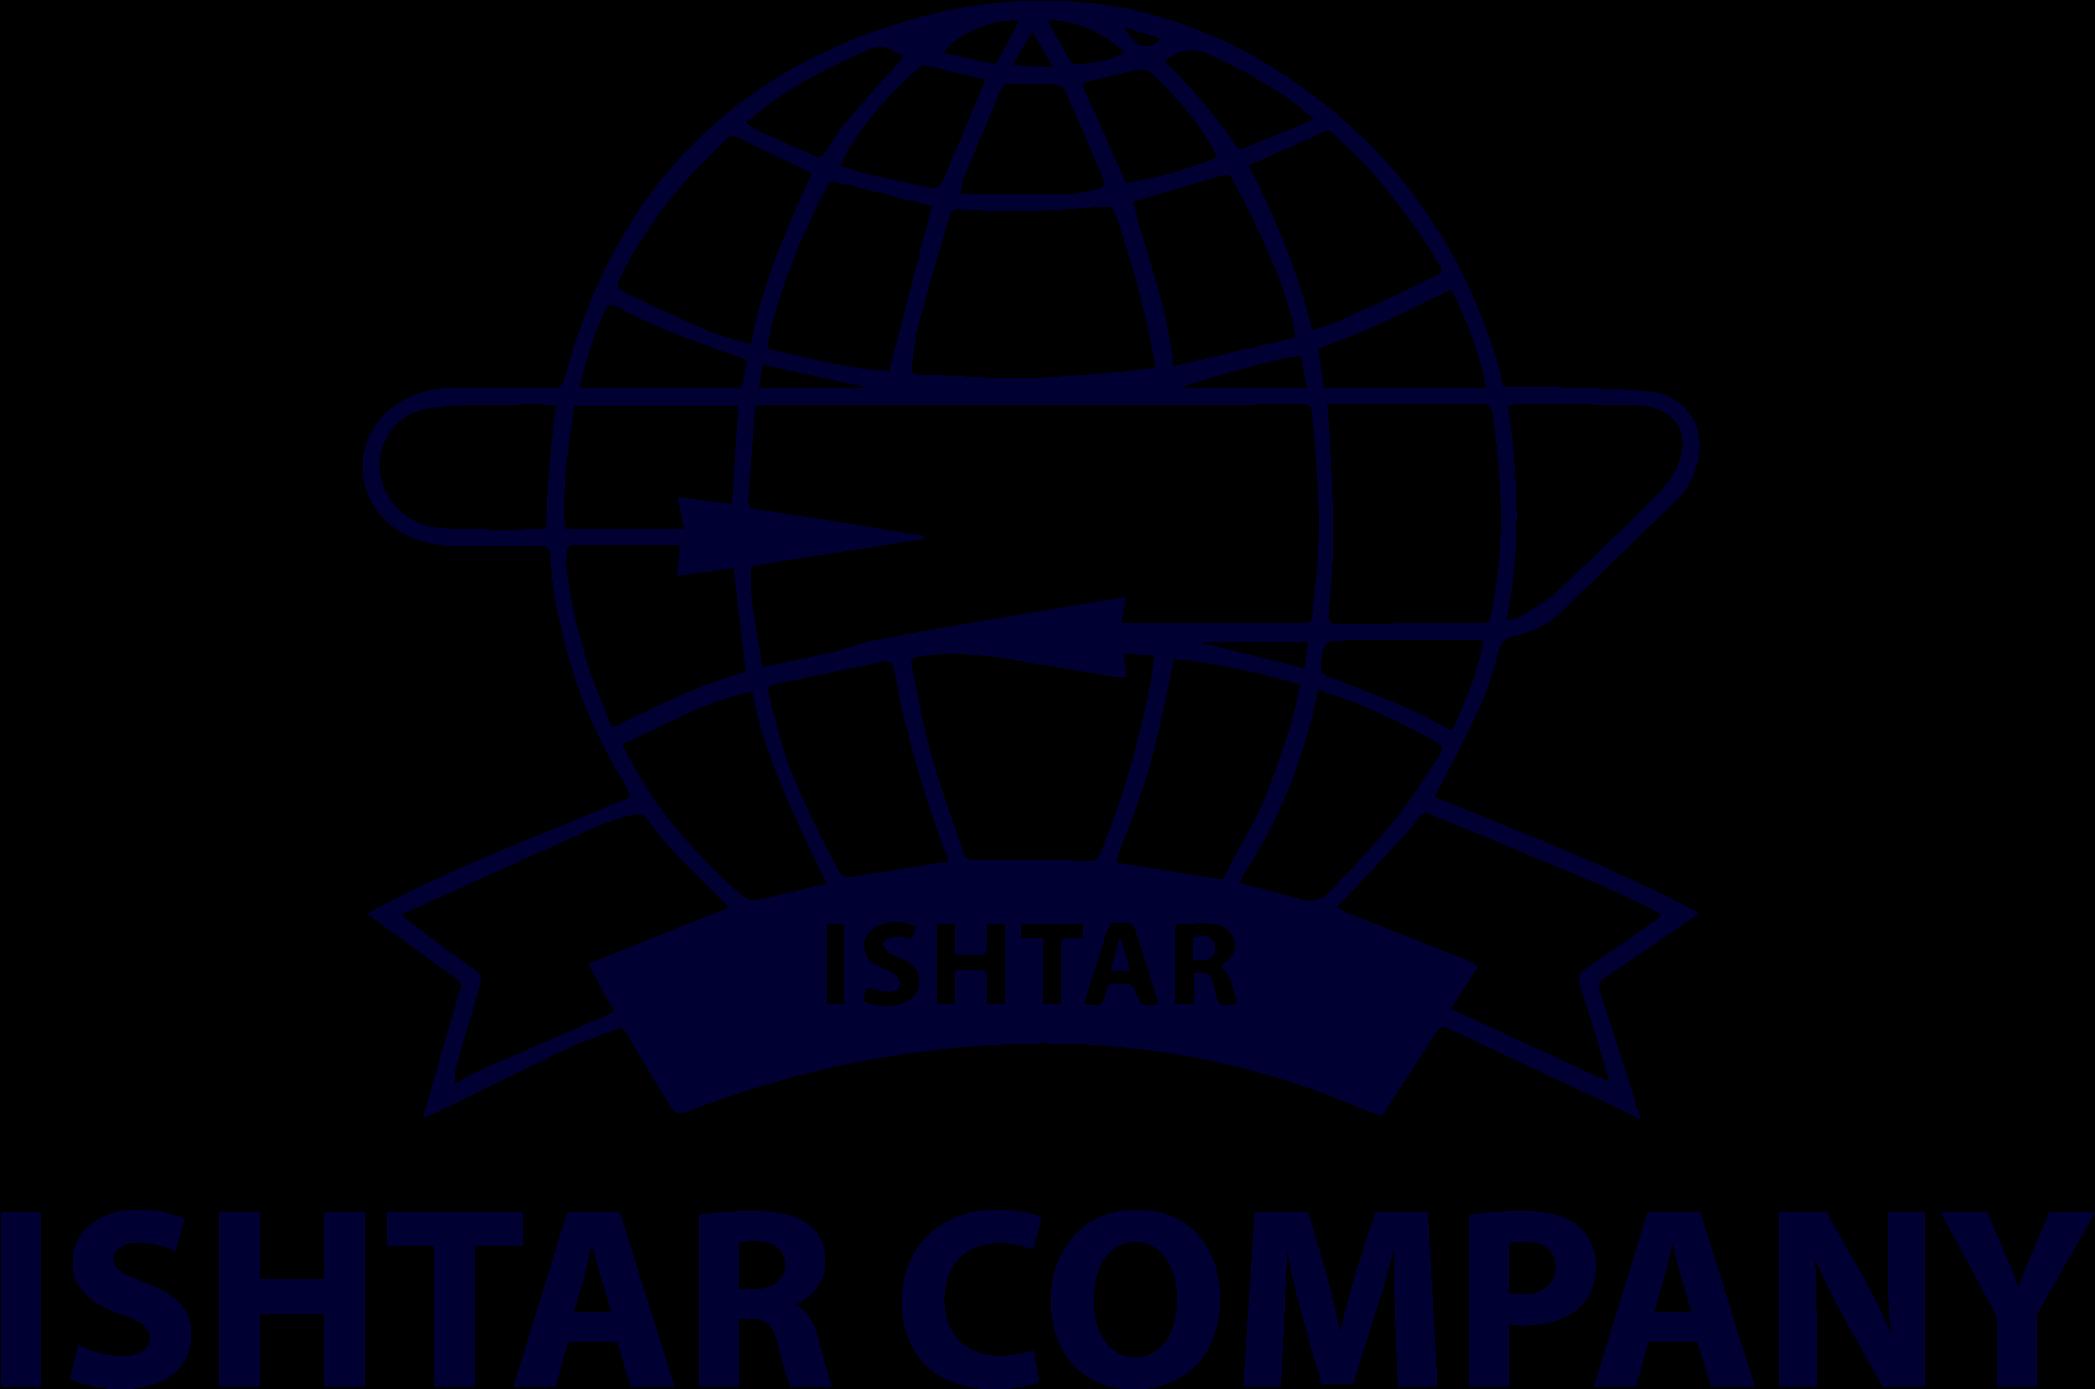 Ishtar Company Llc.